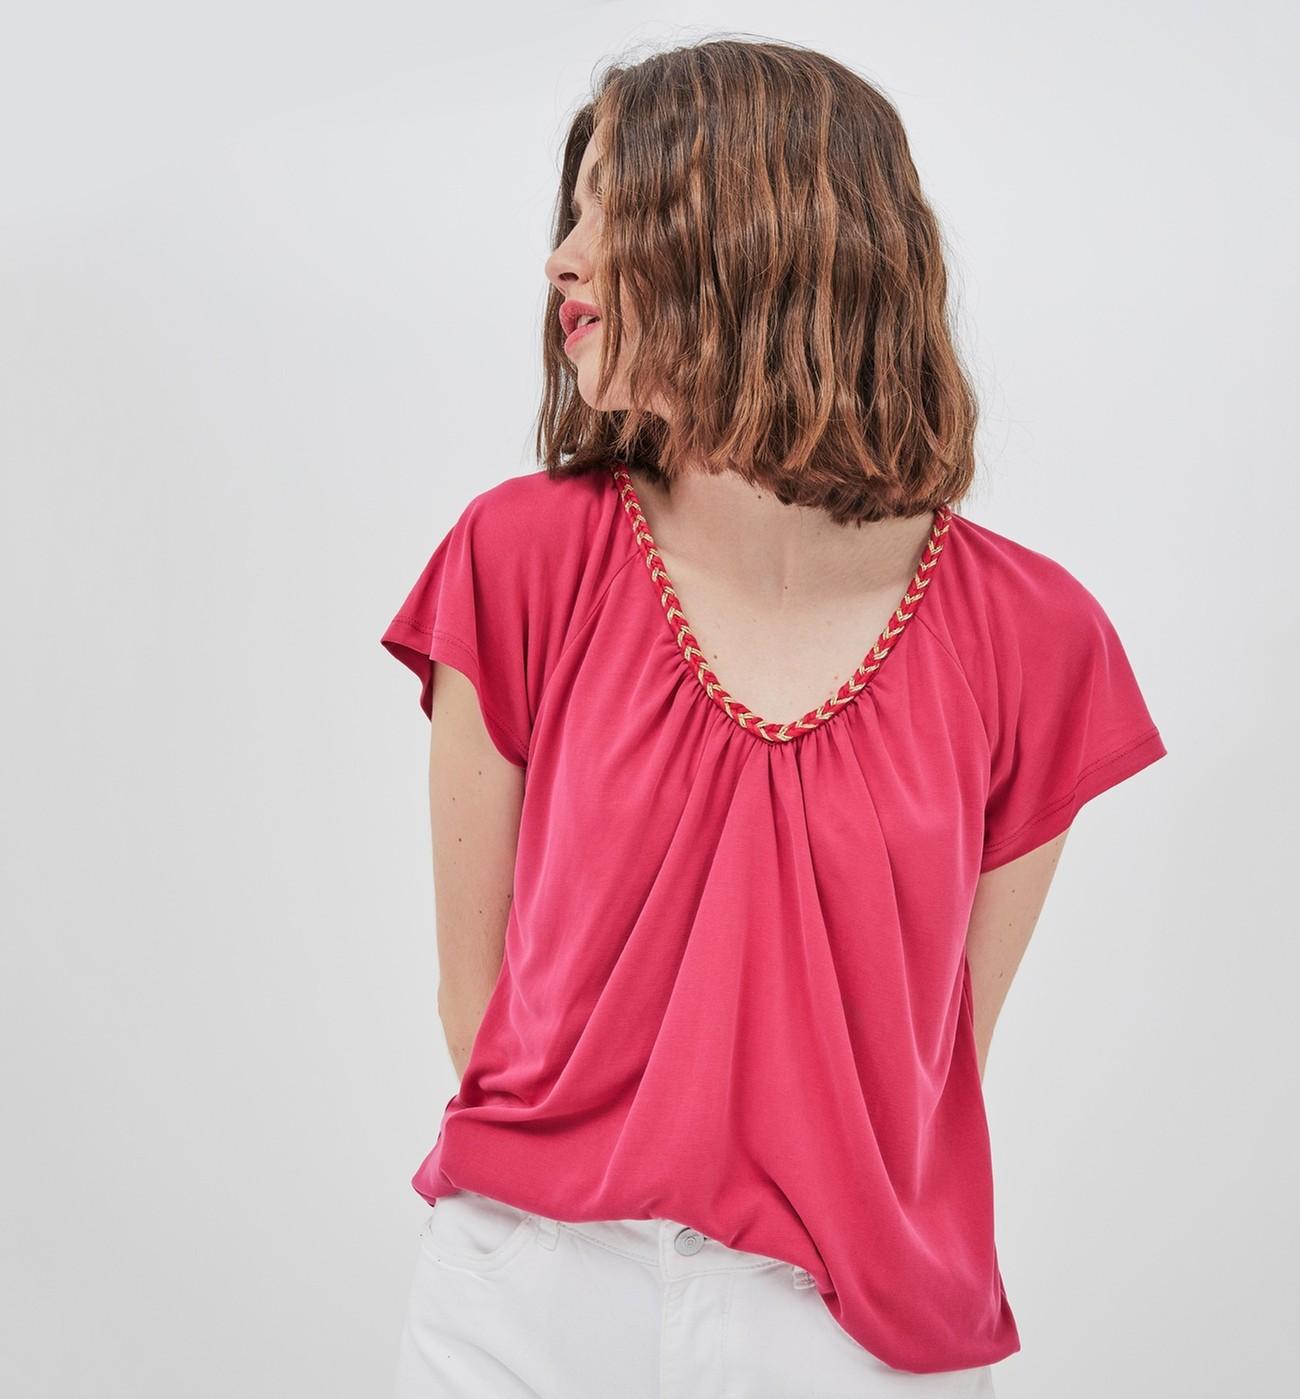 Décolleté Promod T T Promod Femme Promod Femme Décolleté shirt shirt NXw80PknO